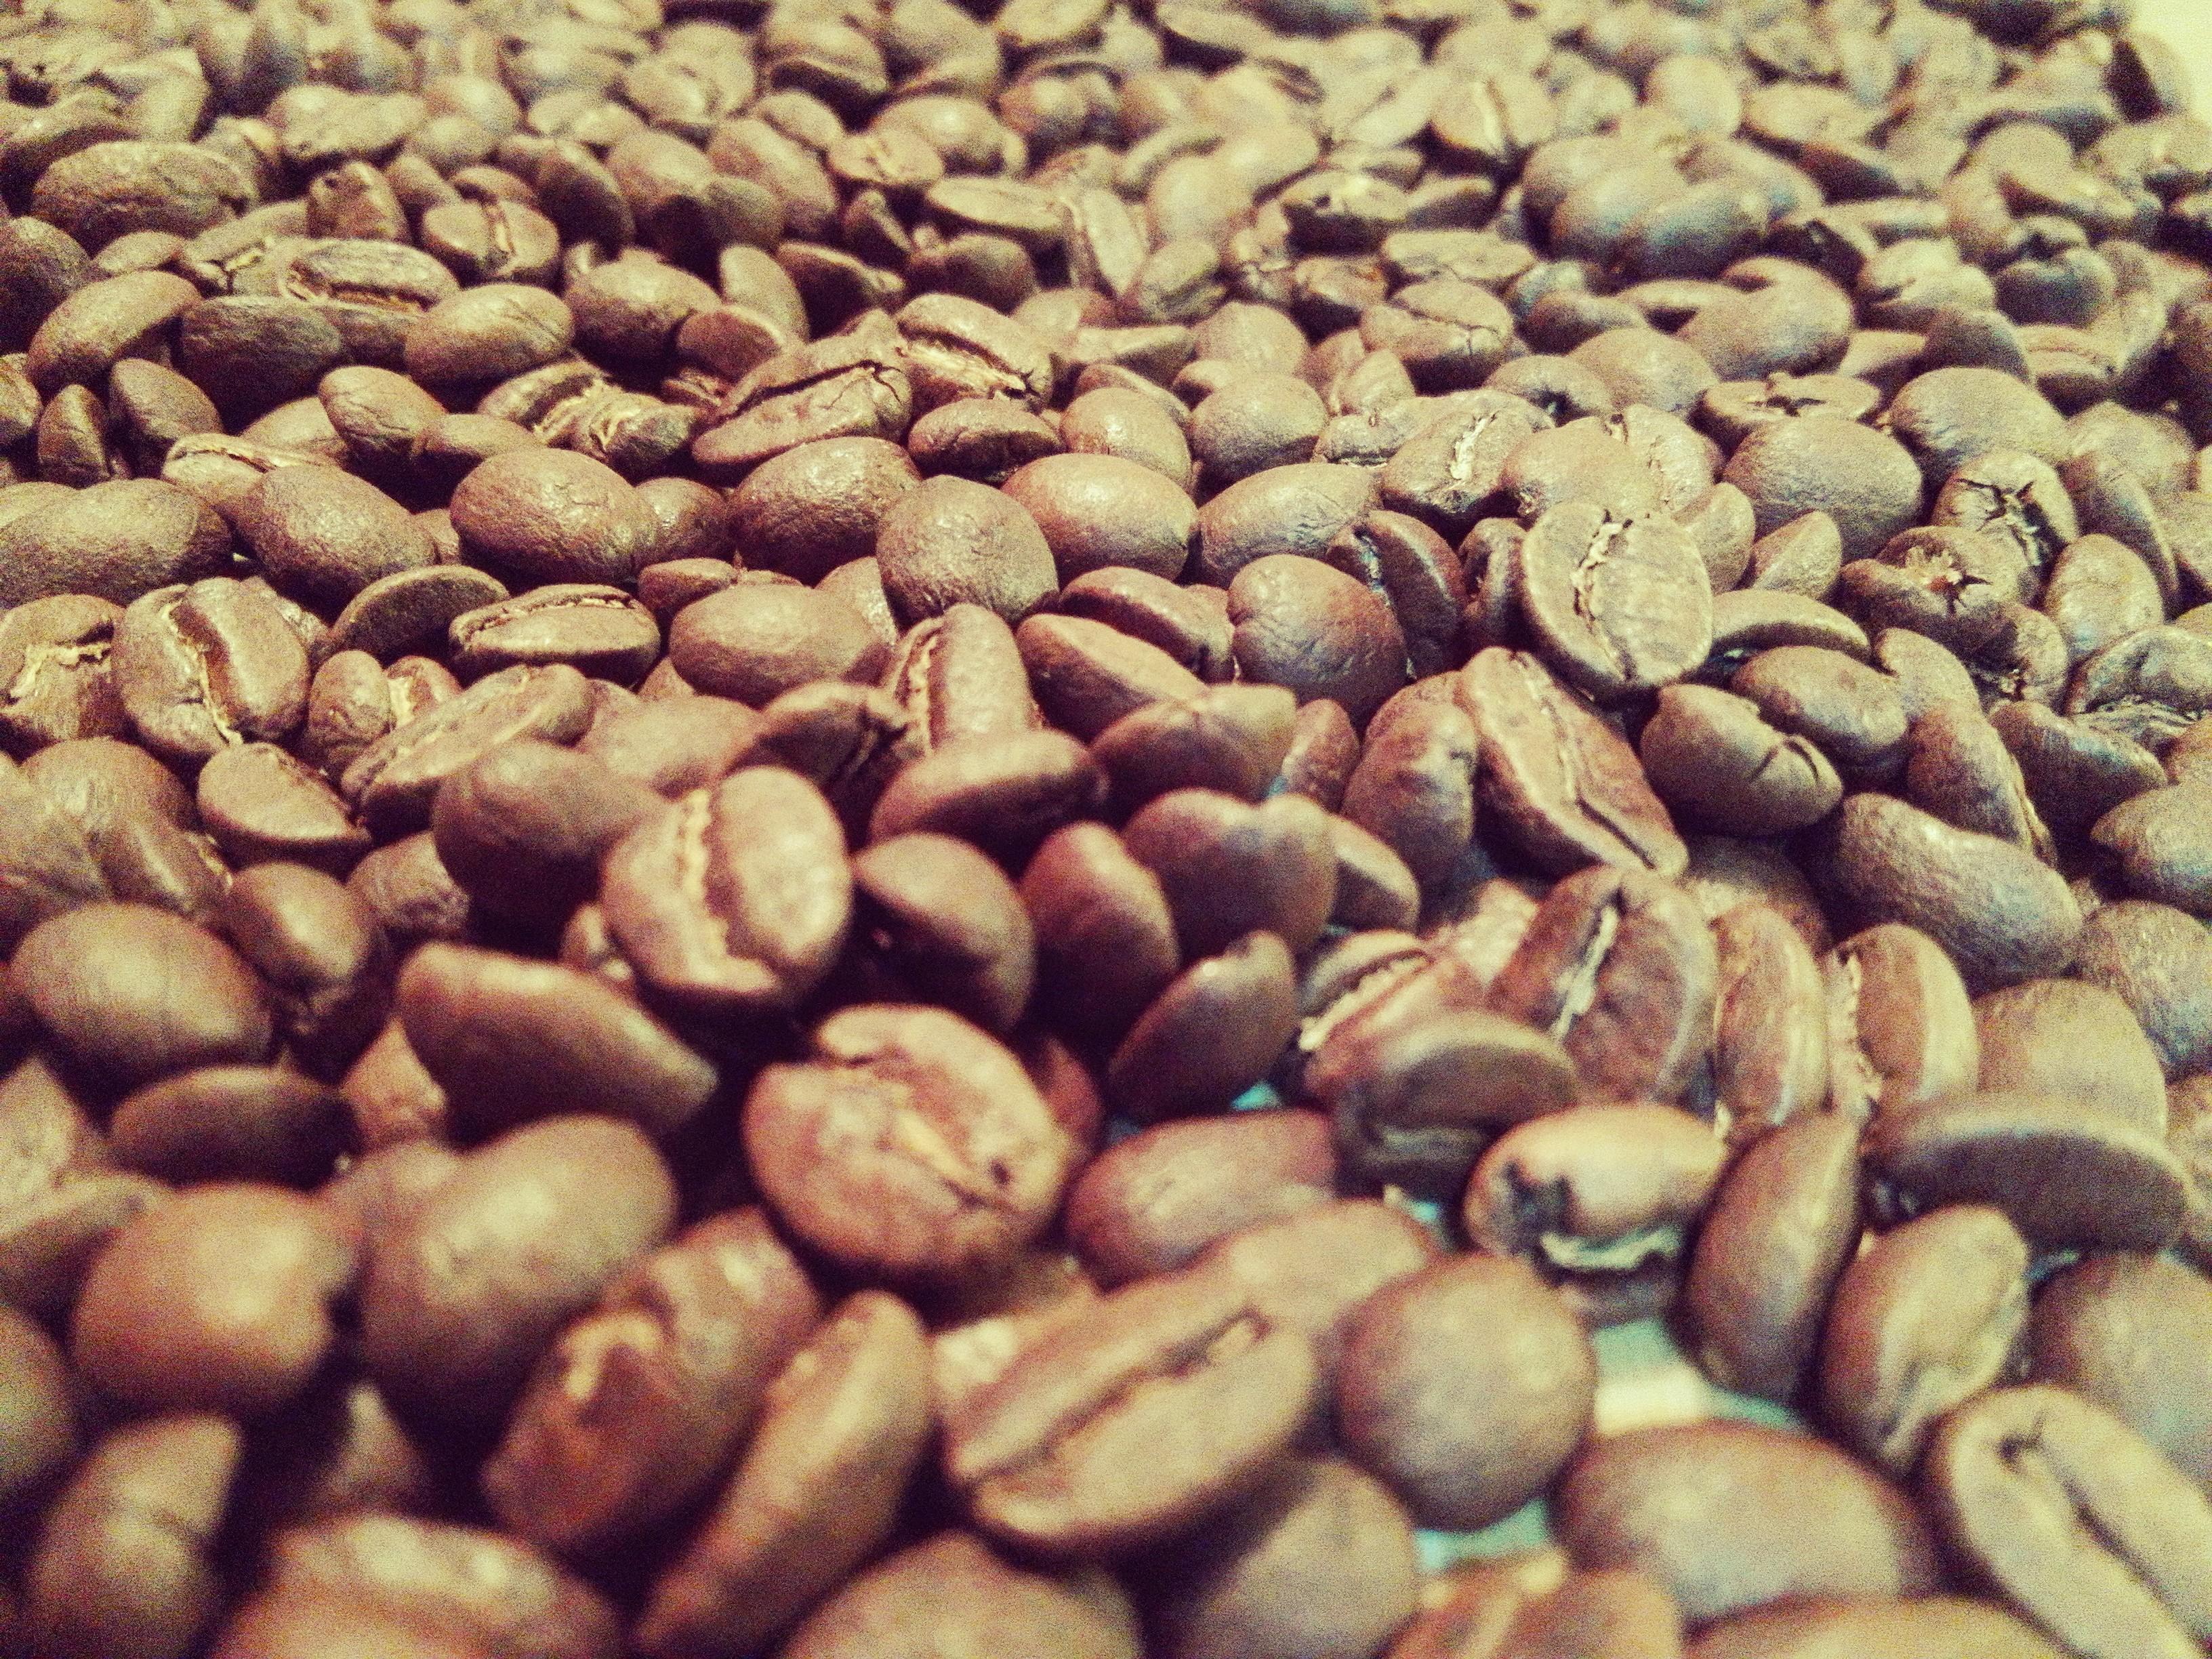 Russell Hobbs(ラッセルホブス)のコーヒーグラインダーは均等に挽けます